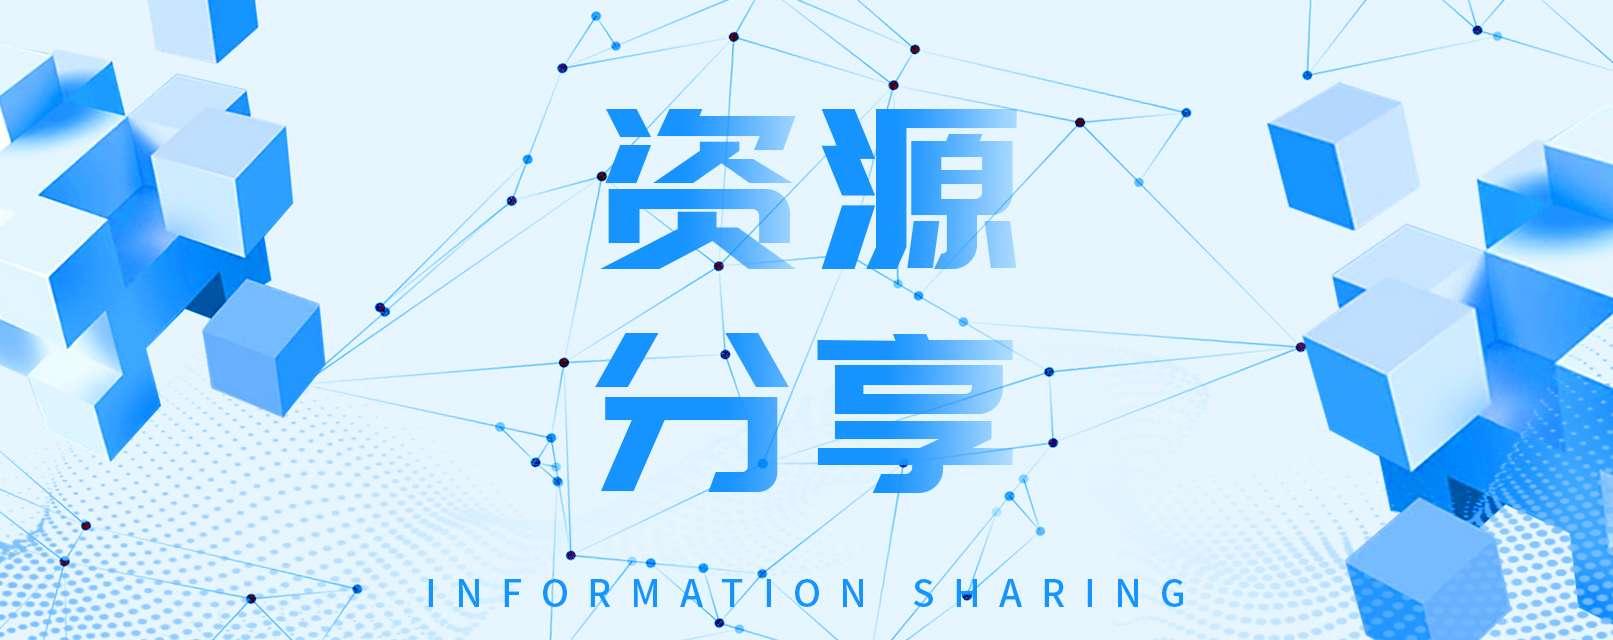 【软件分享】翻译必备多功能软件,你值得拥有( )